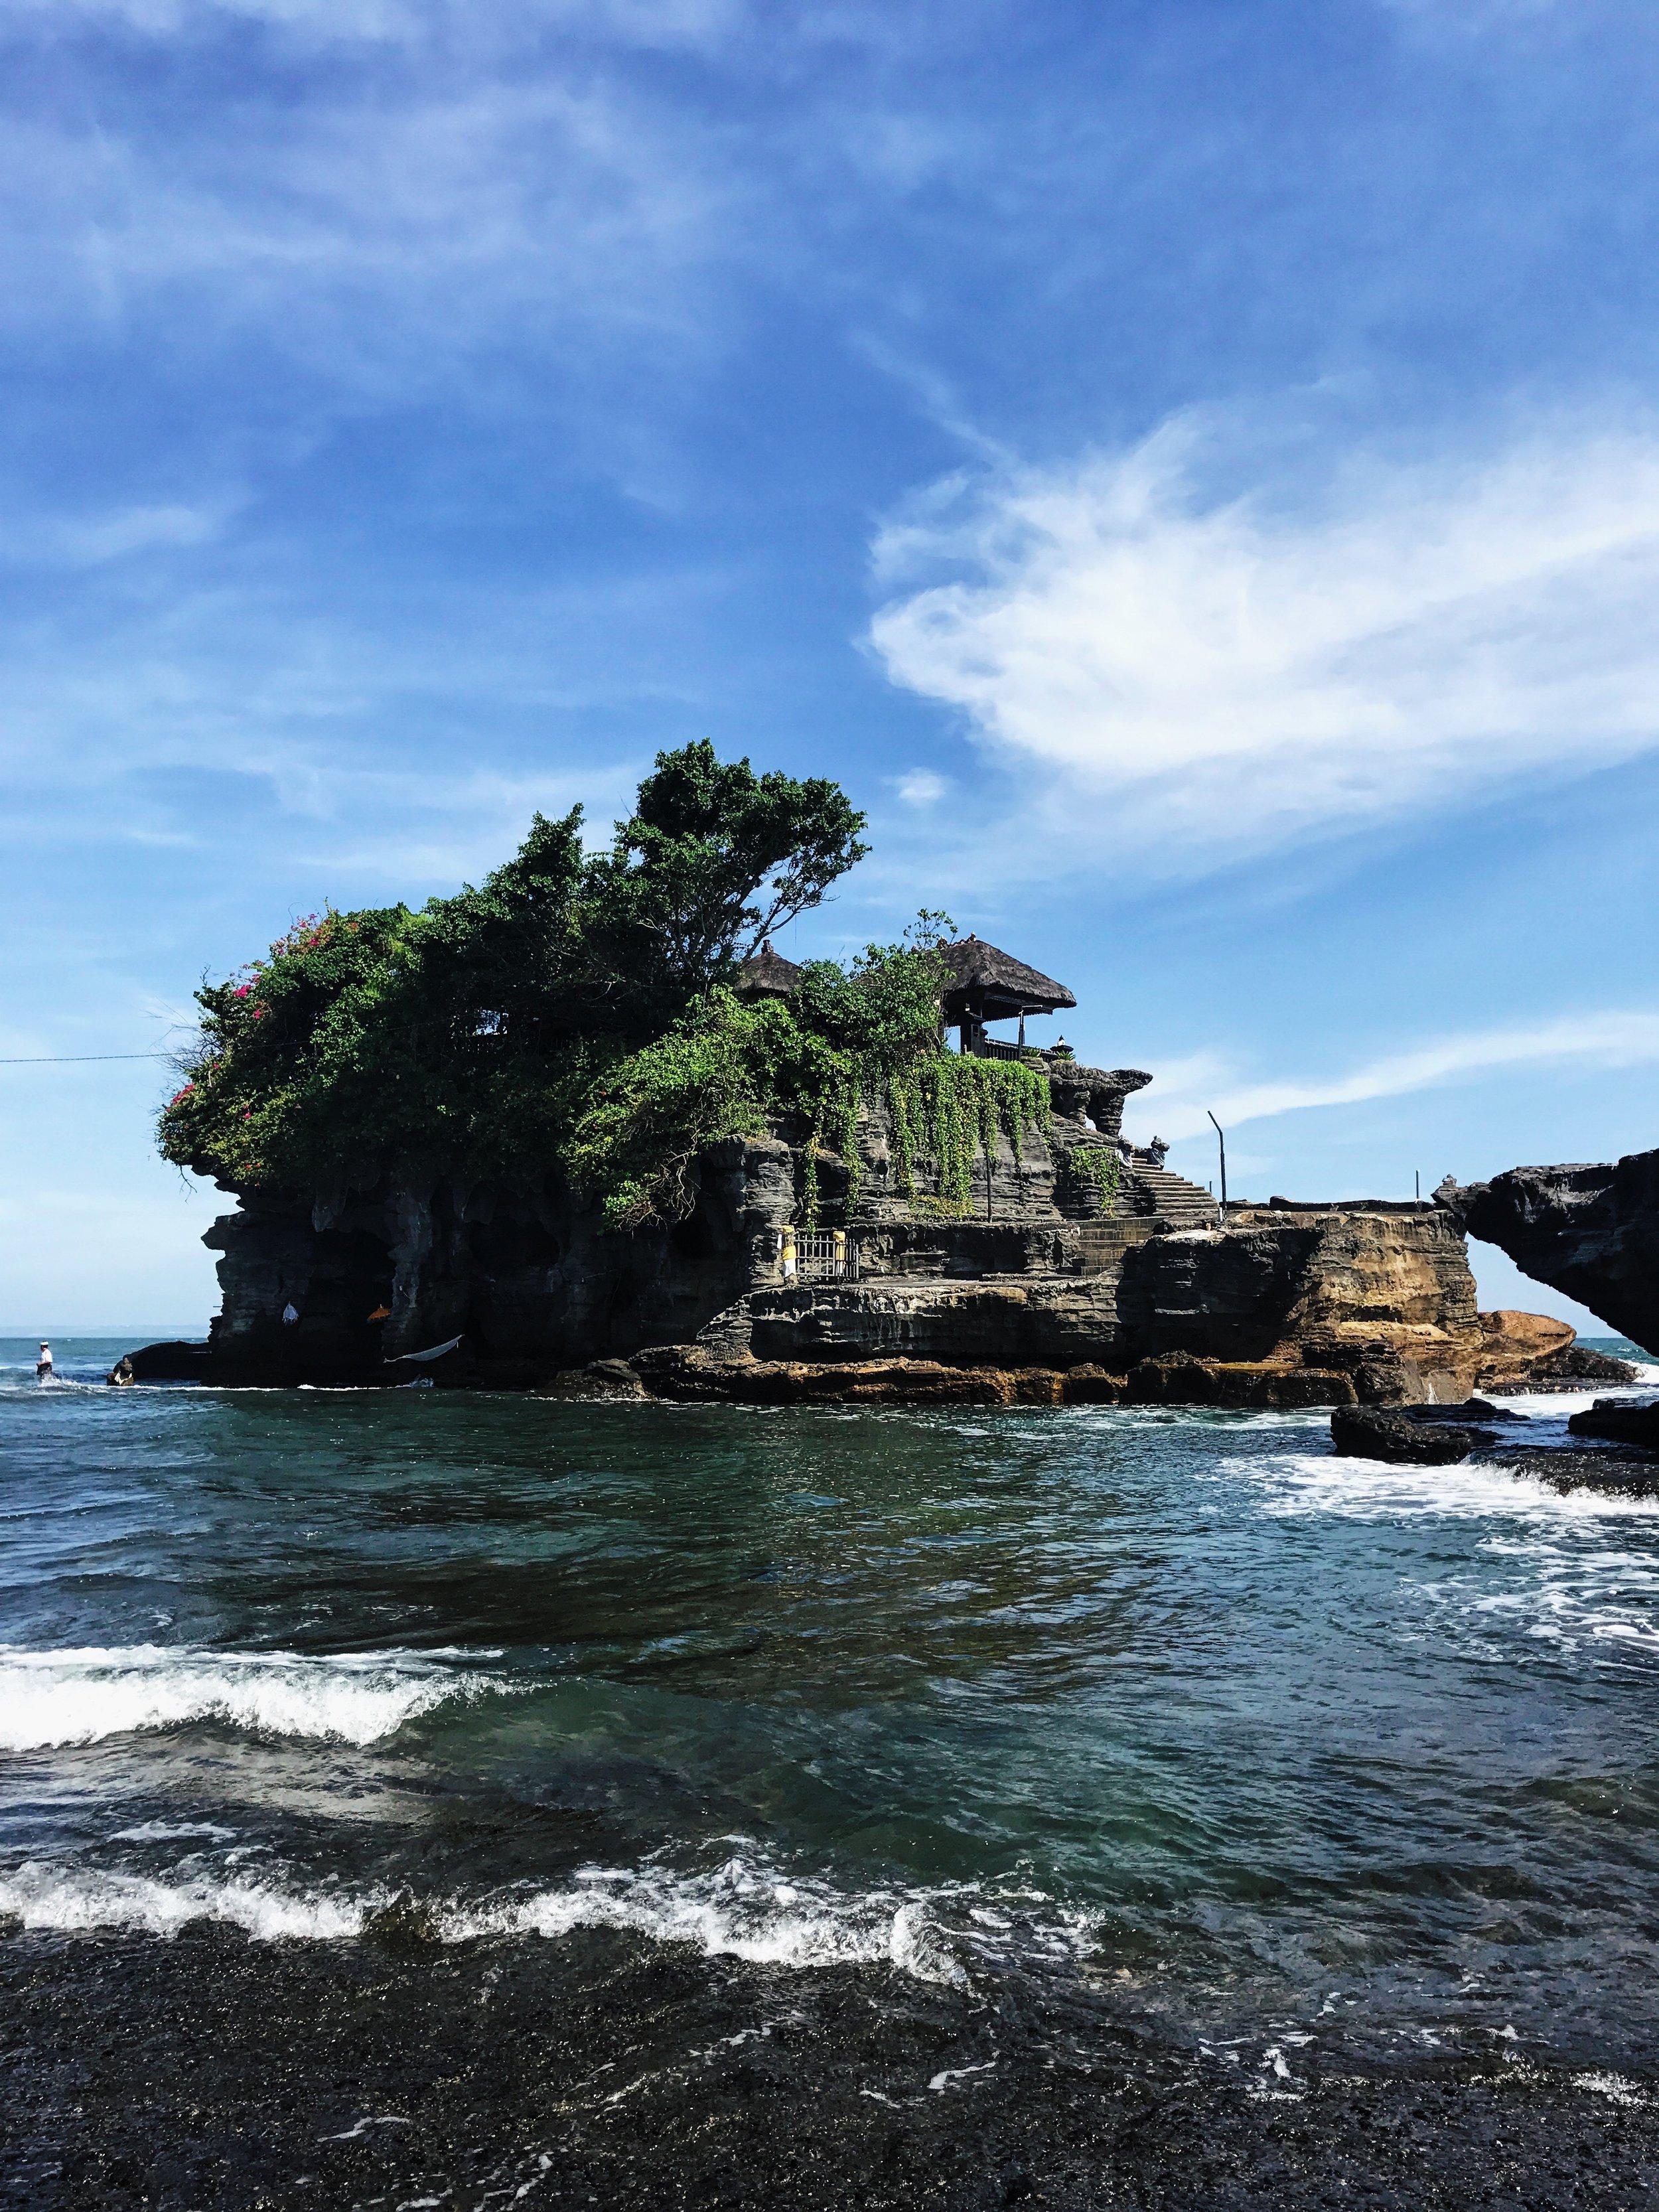 Uluwatu Temple Bali Sea Temple Indonesia